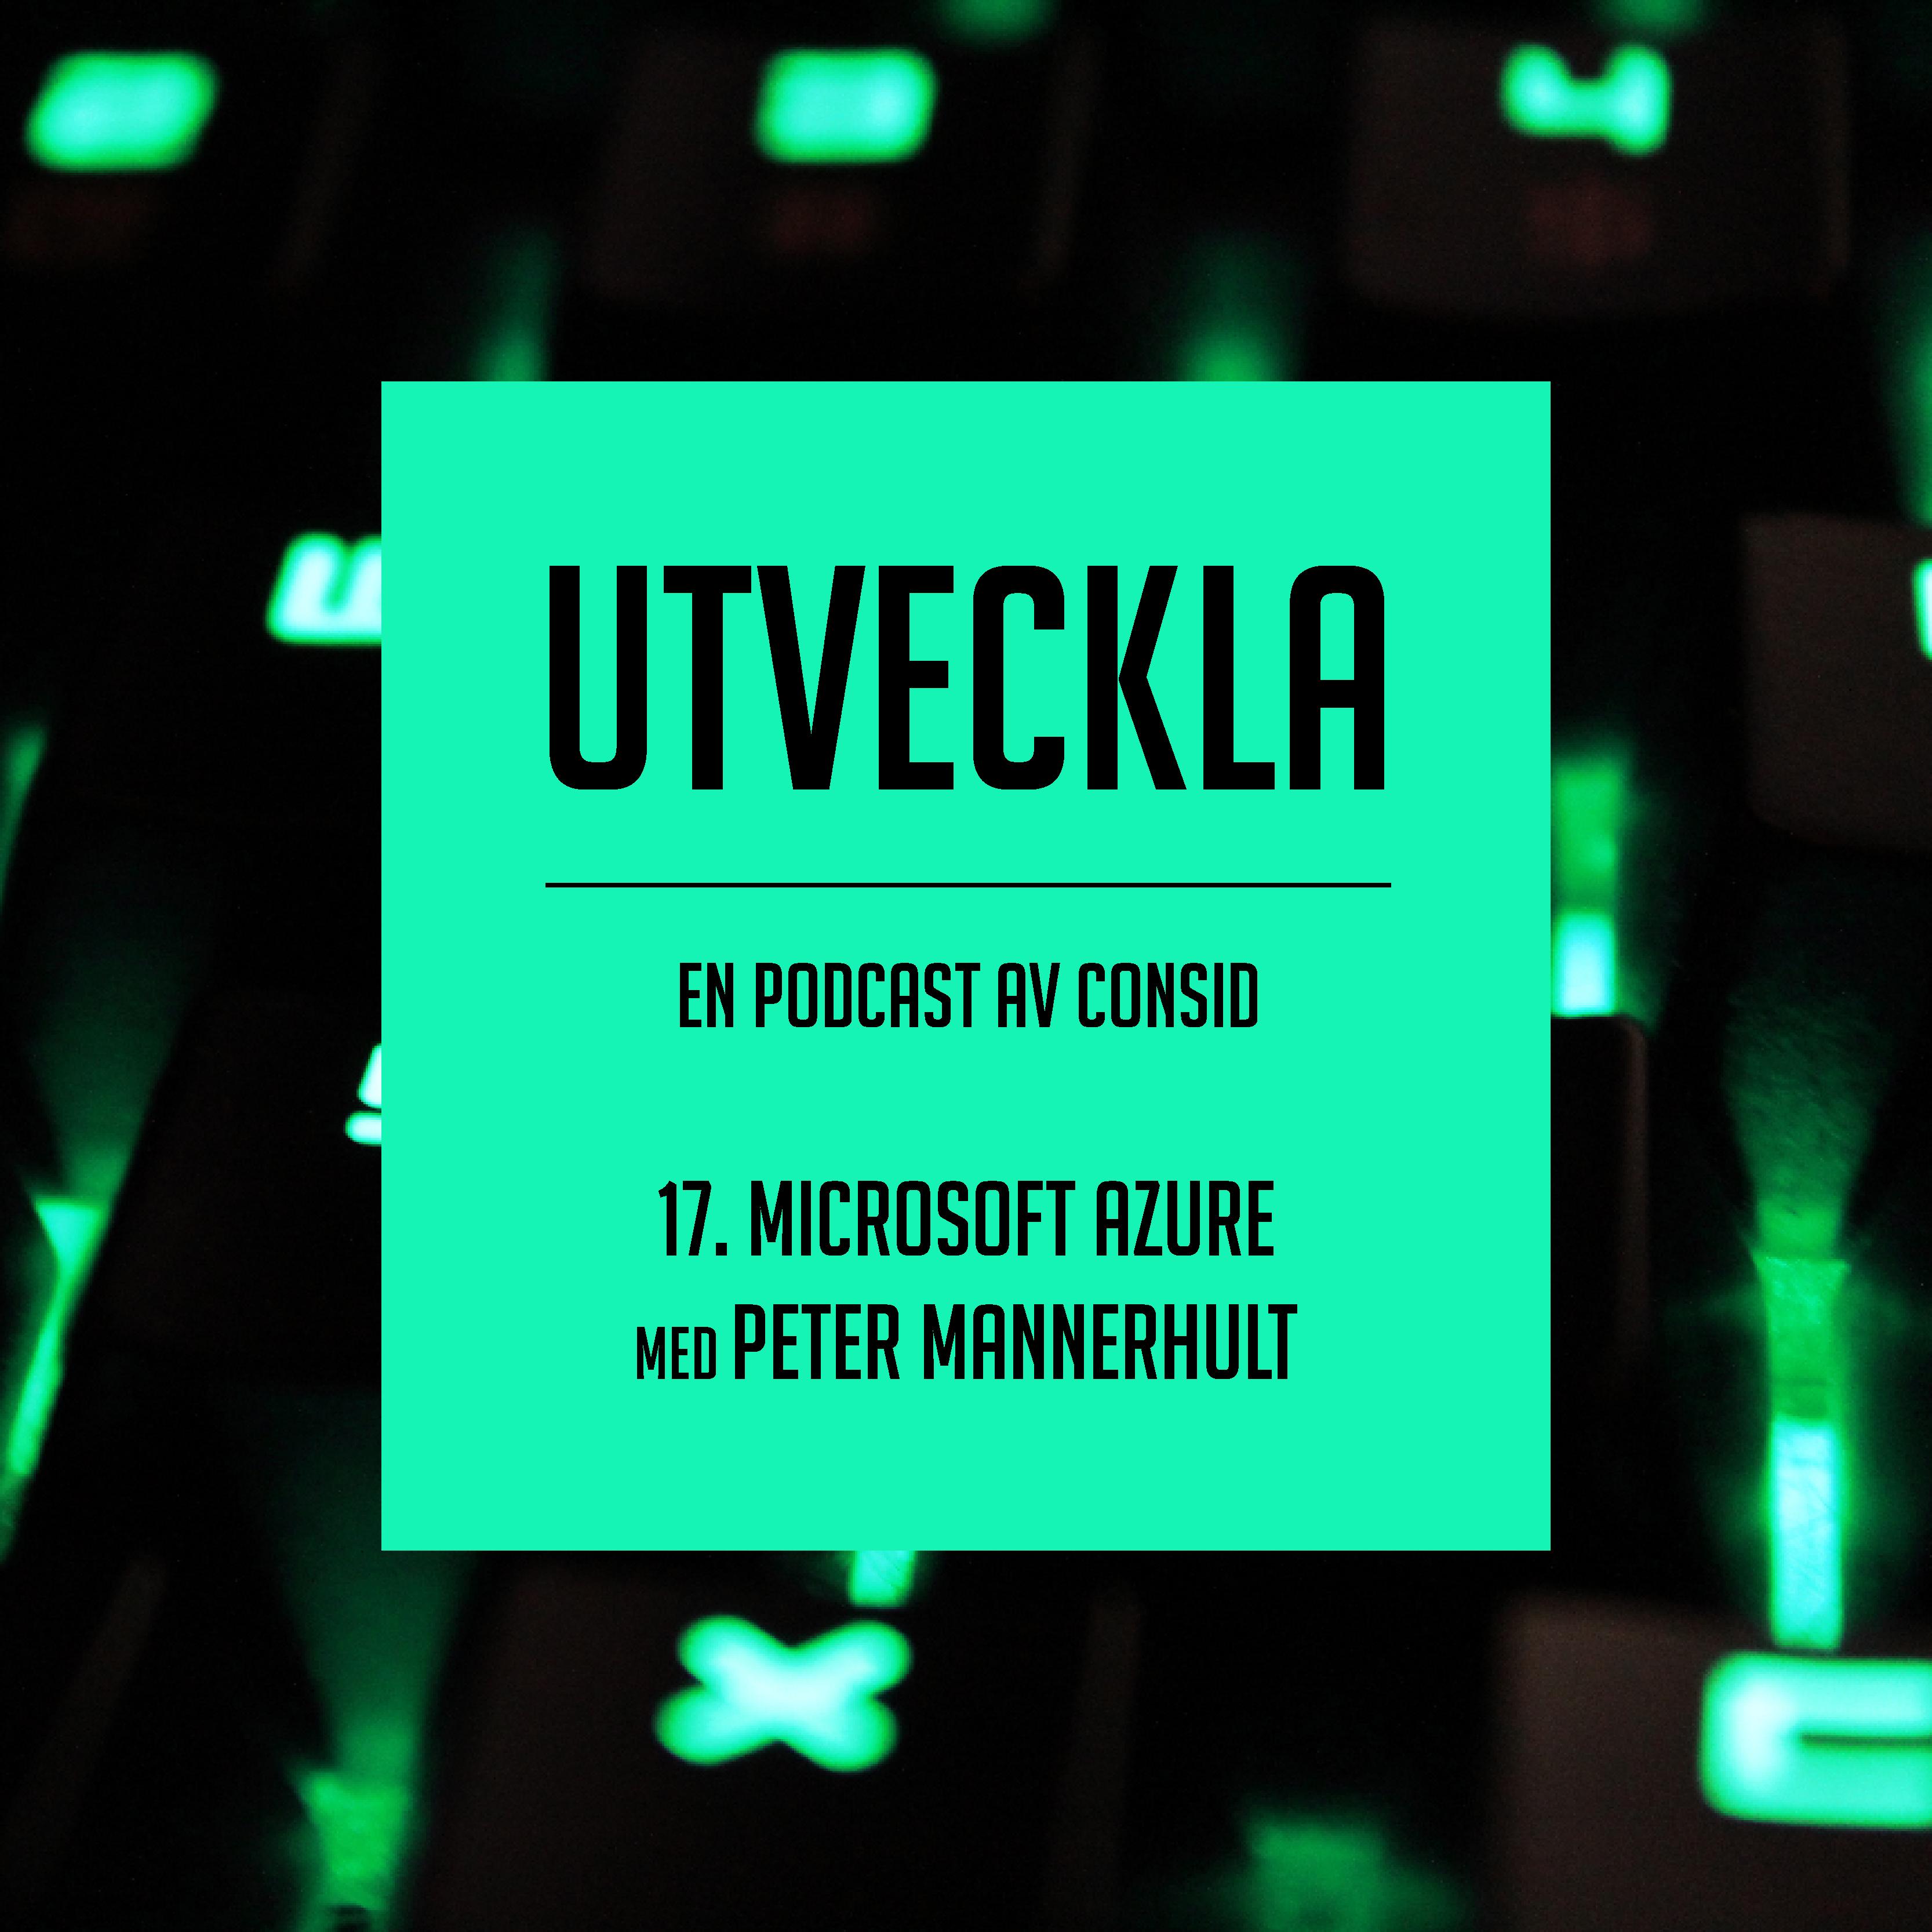 Microsoft Azure med Peter Mannerhult – molnlösningar och molnplattformar när de är som smidigast